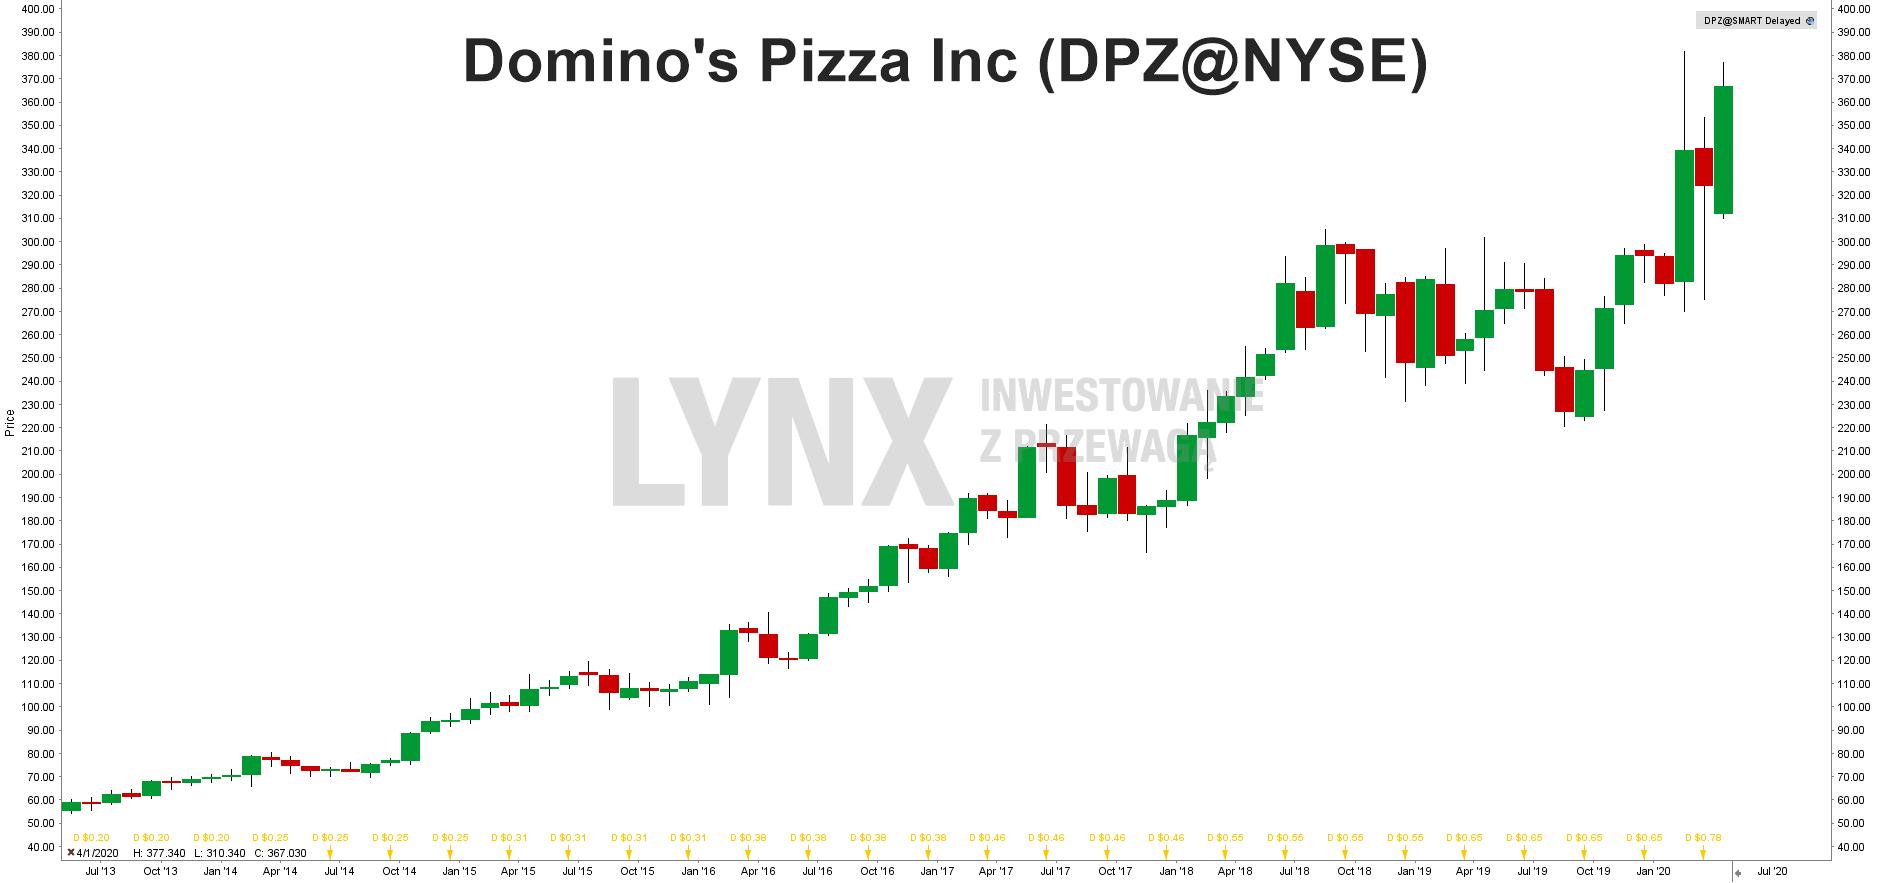 Wykres akcji Domino's Pizza (DPZ)